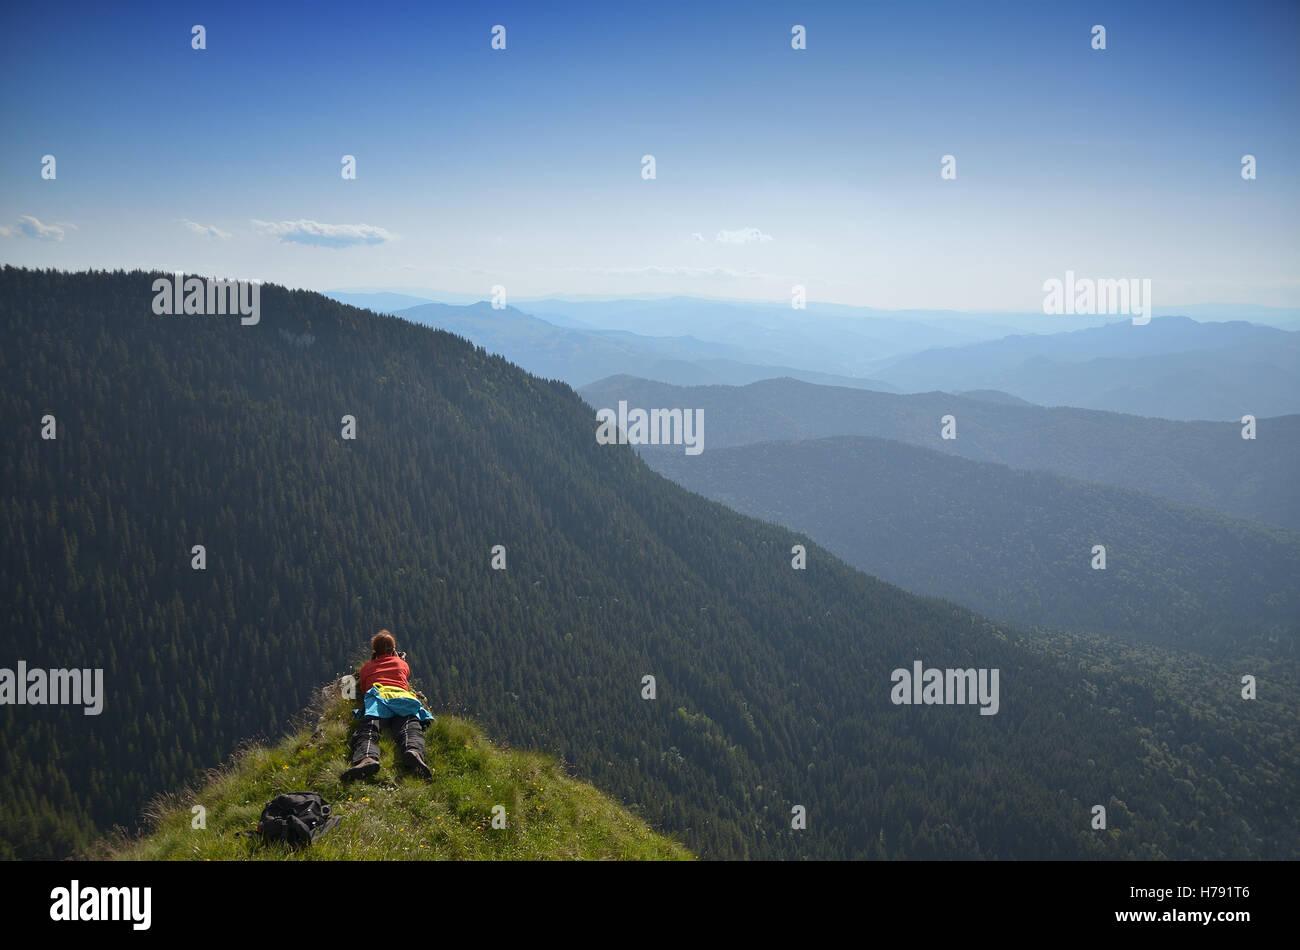 Les photographes femmes sur un sommet de montagne le paysage de tir Photo Stock